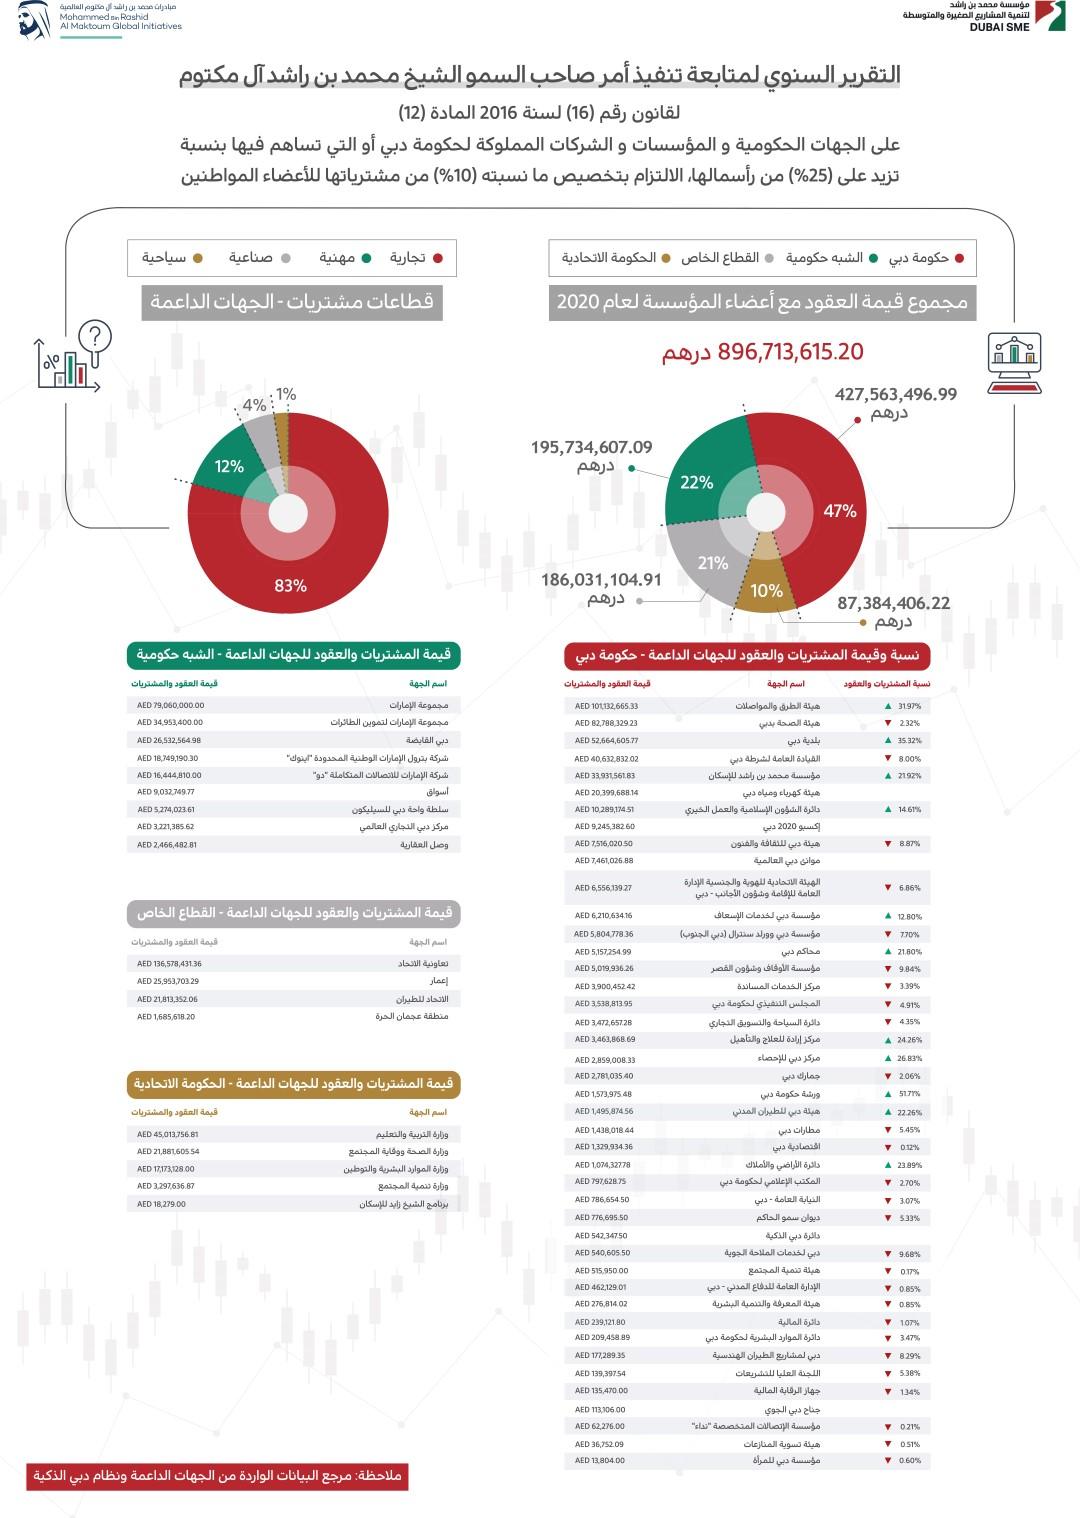 61 جهة حكومية وخاصة دعمت مؤسسة محمد بن راشد لتنمية المشاريع و7.5 مليار درهم دعما لرواد الأعمال المواطنين